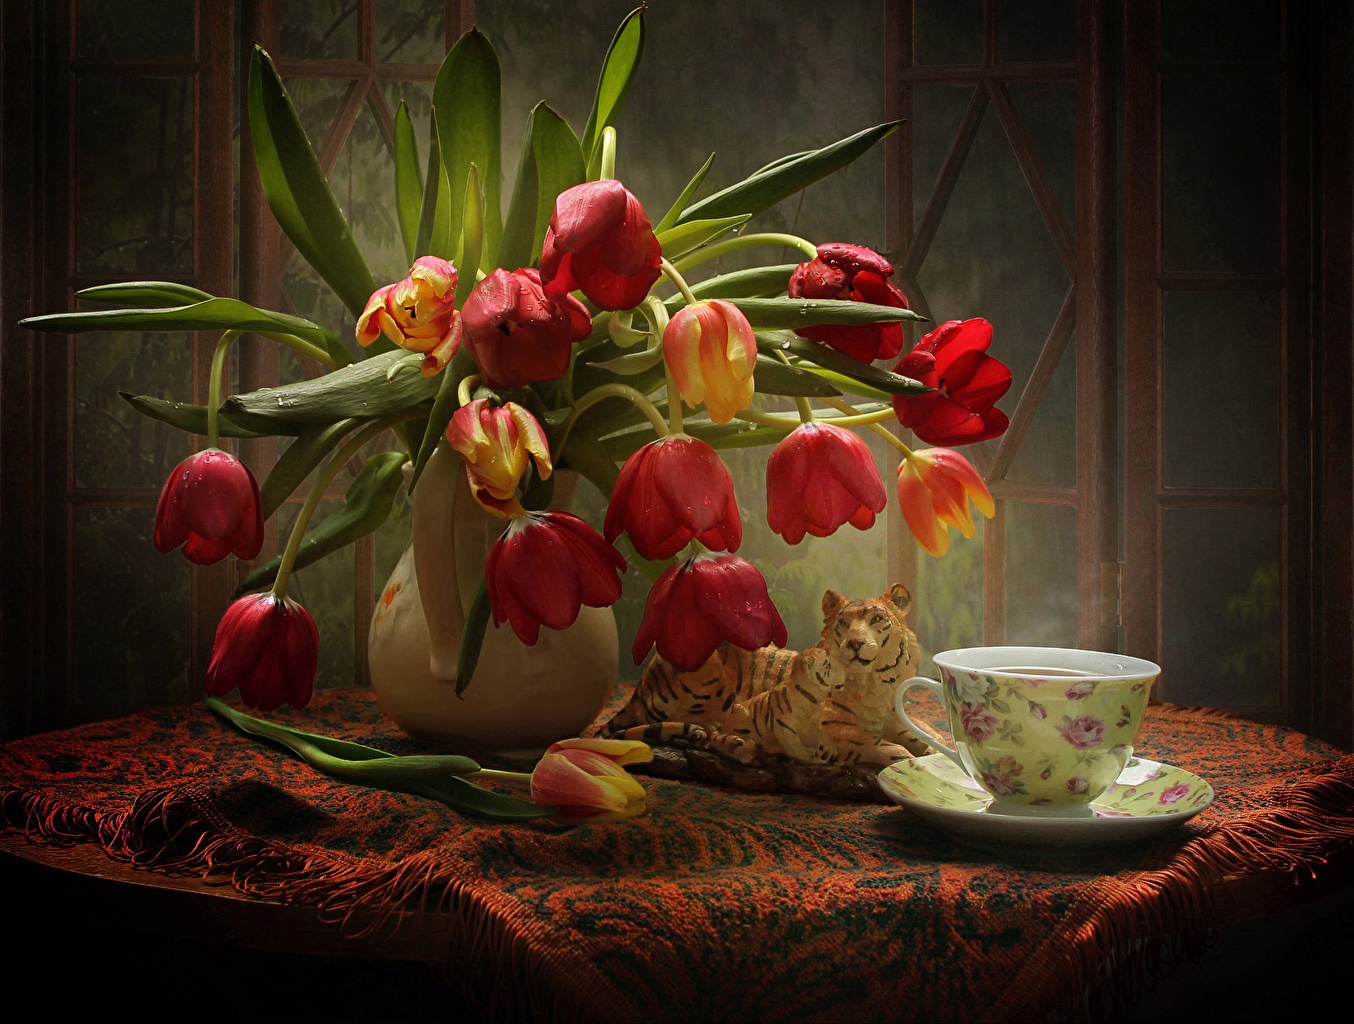 Картинка тигр тюльпан Цветы капель Стол вазы Чашка Натюрморт Тигры Тюльпаны Капли капля цветок капельки Ваза вазе чашке столы стола